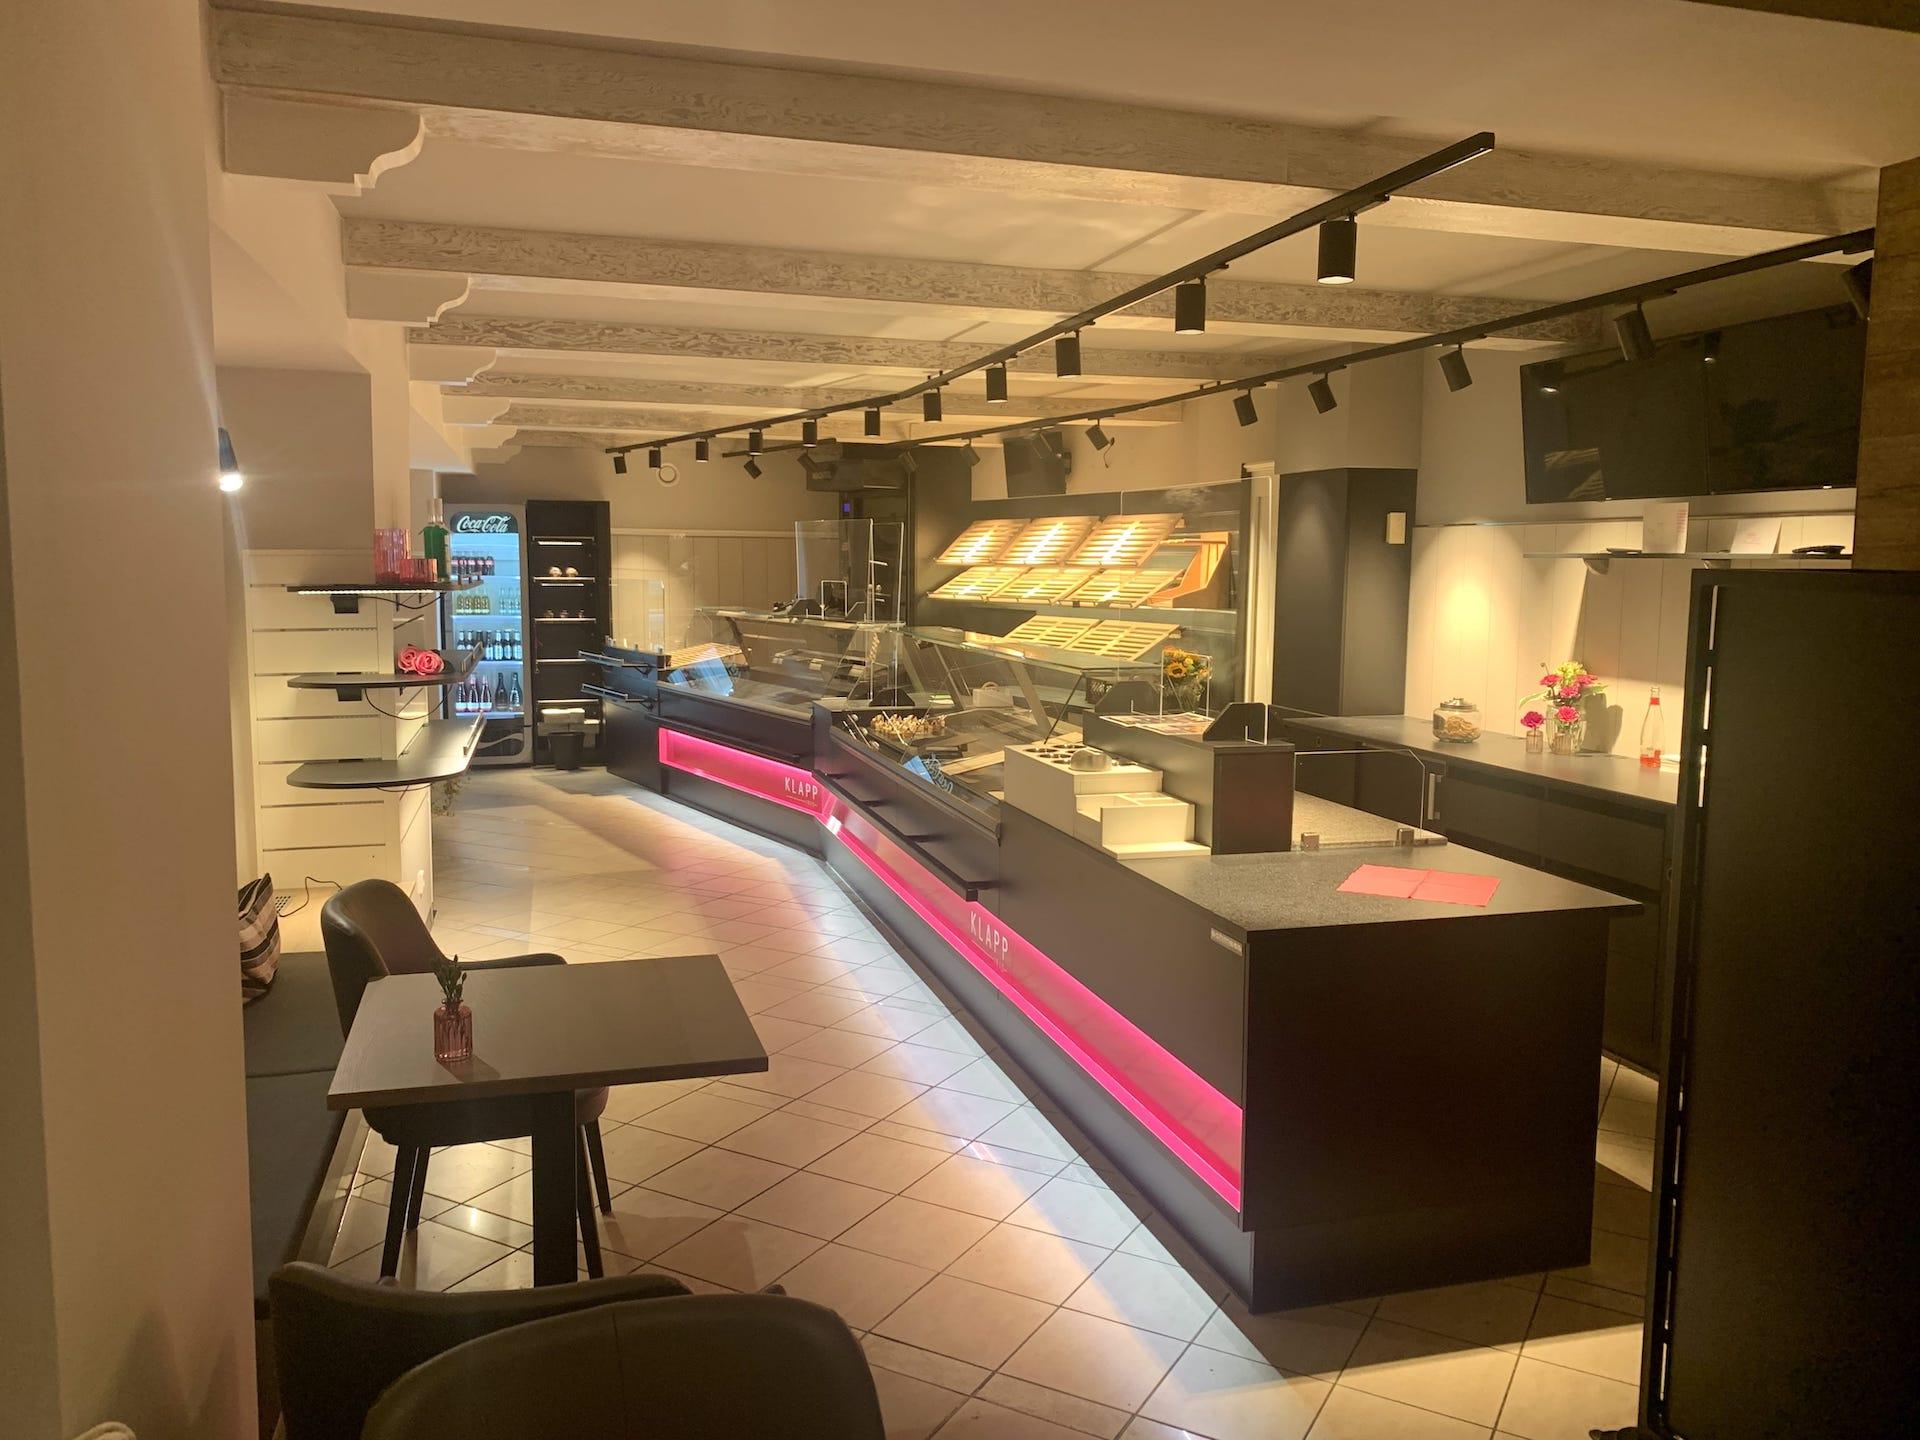 Klapp1910 Umbau 00021 - KLAPP1910 Stammhaus im neuen Design wiedereröffnet